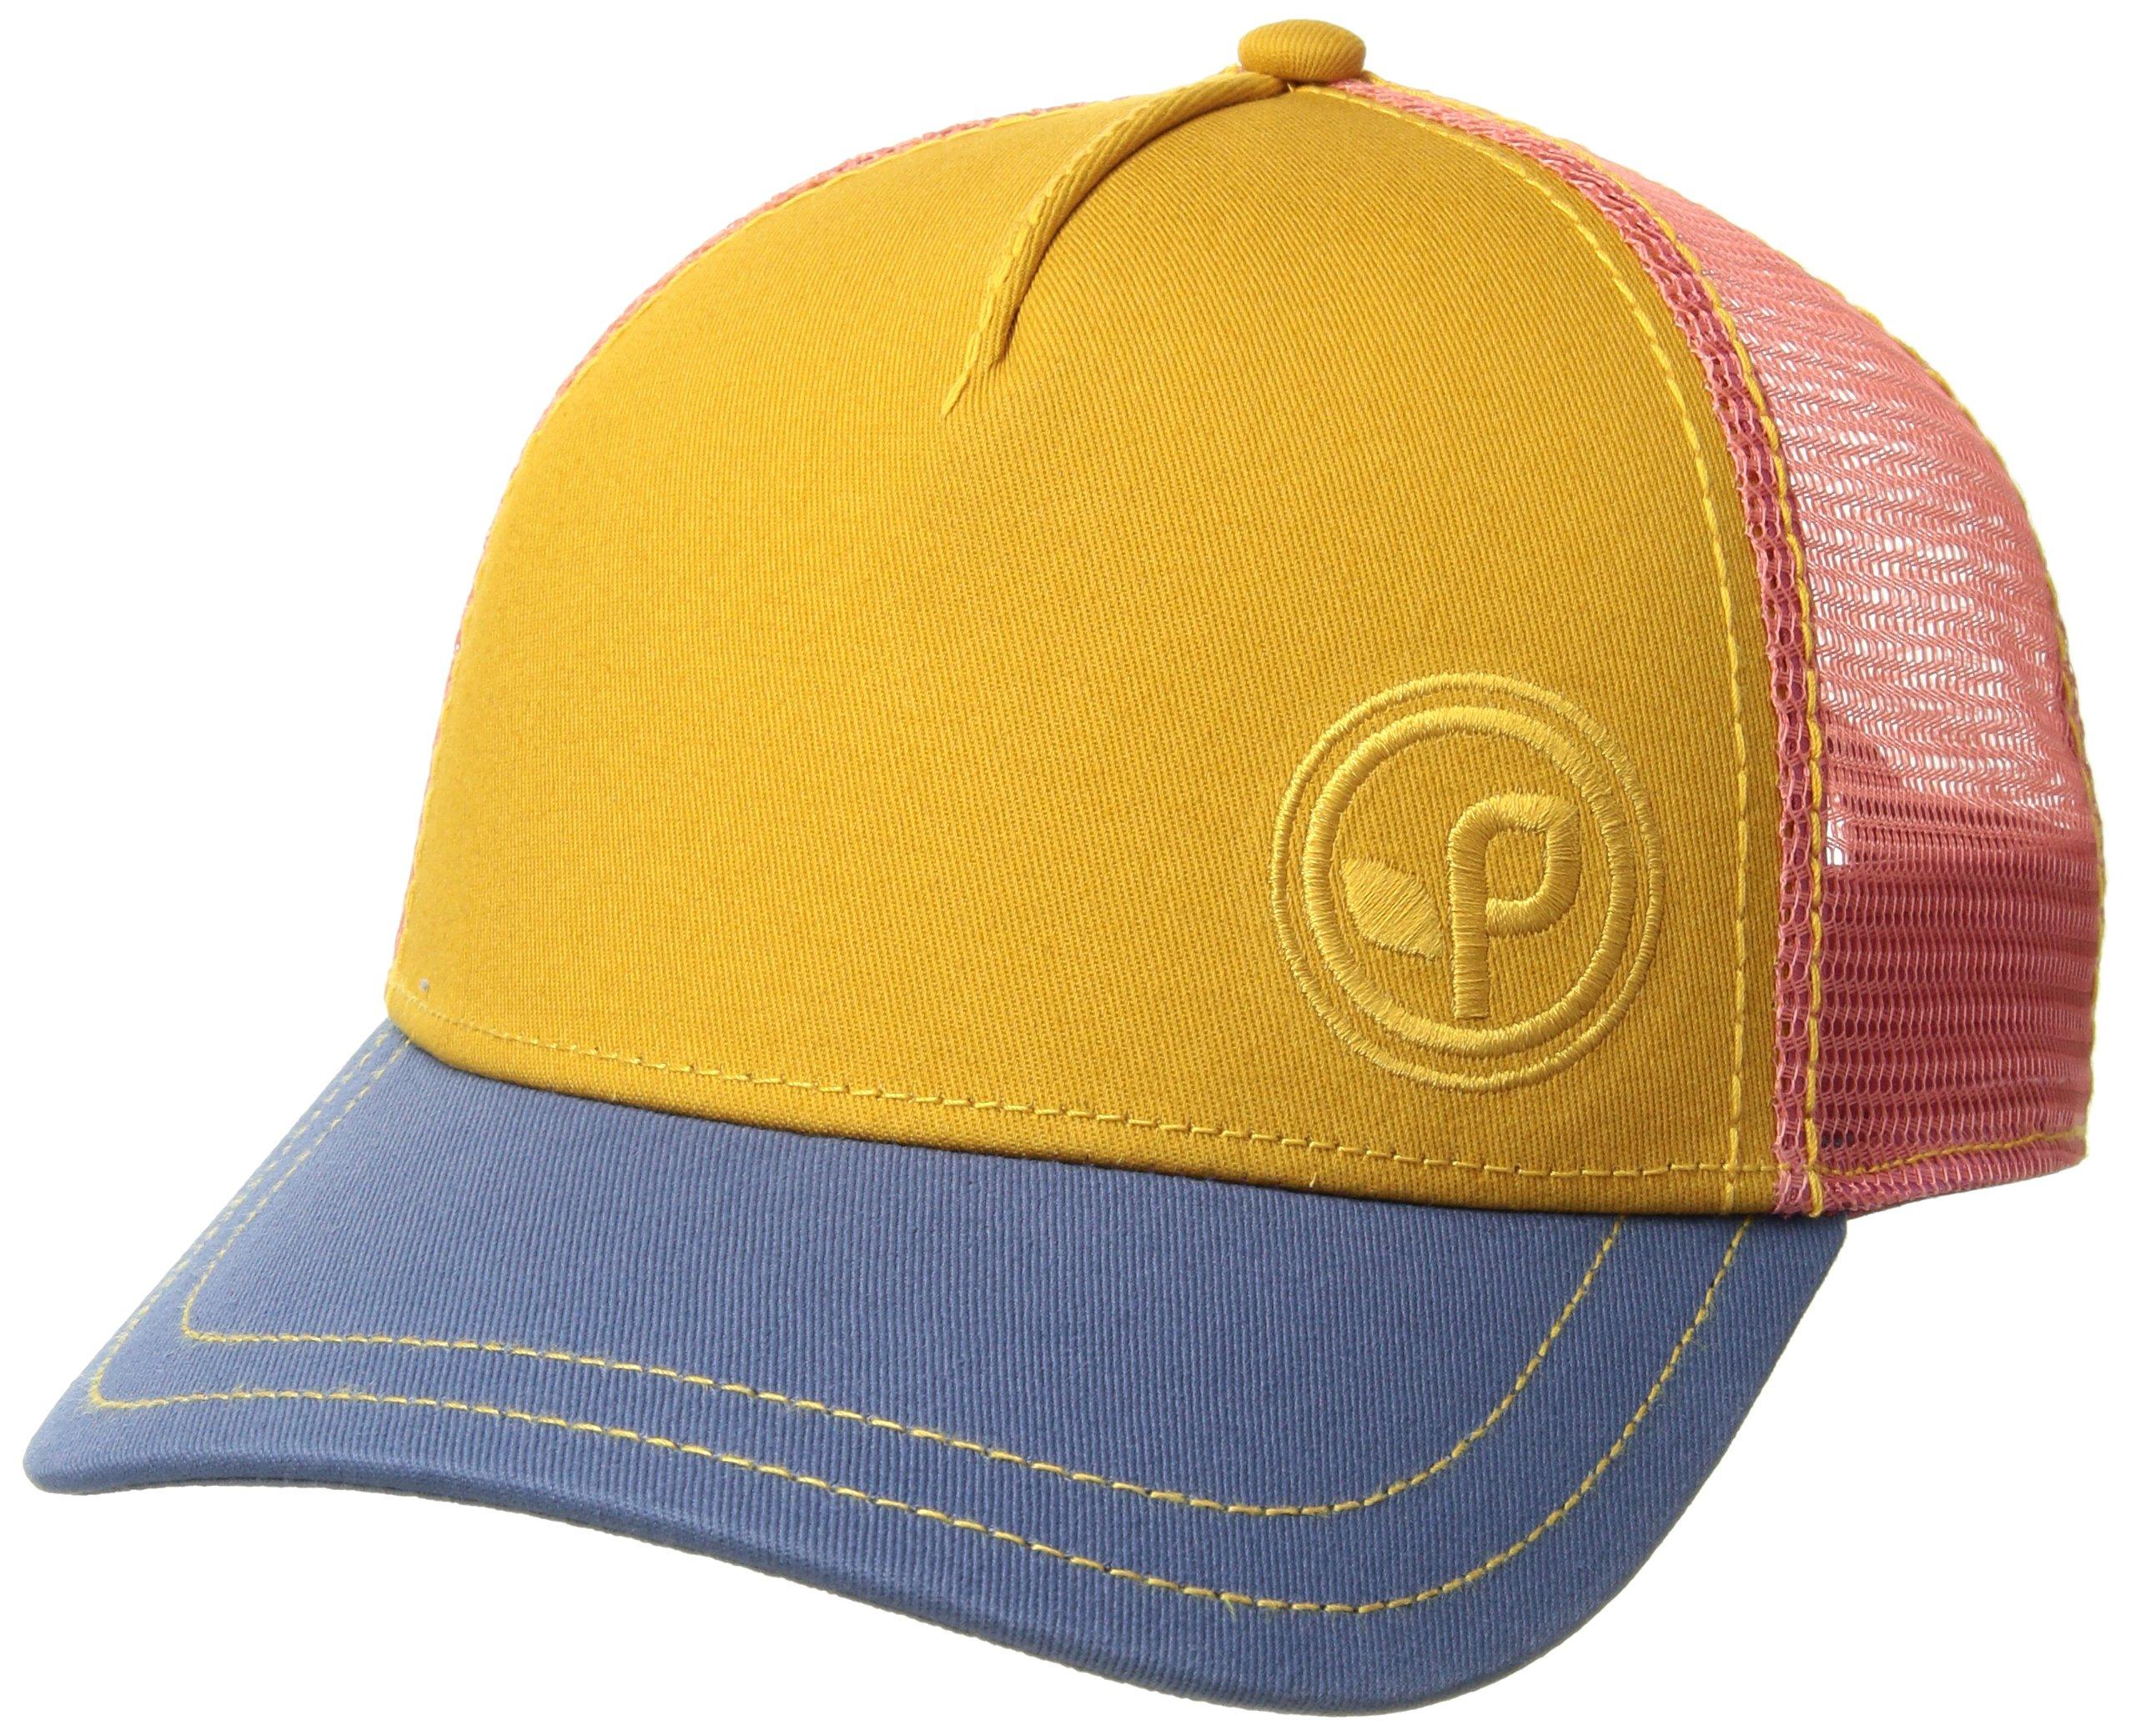 pistil Buttercup Cap, Yam, One Size